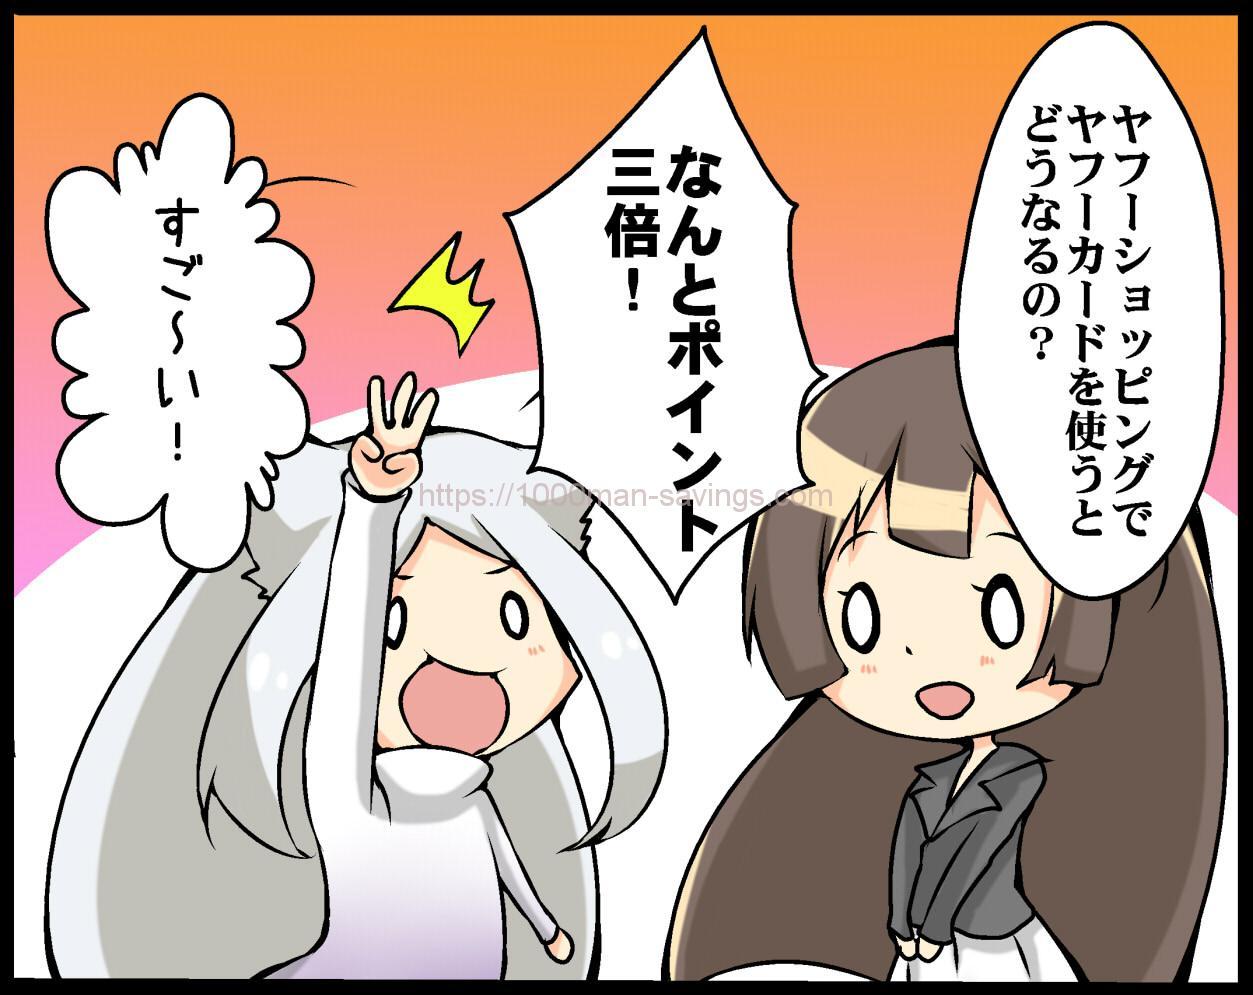 黒髪の女性と白髪の女性の会話「ヤフーショッピングでYahoo! JAPANカード(ヤフーカード)を使うとどうなるの?」「なんとポイント3倍」